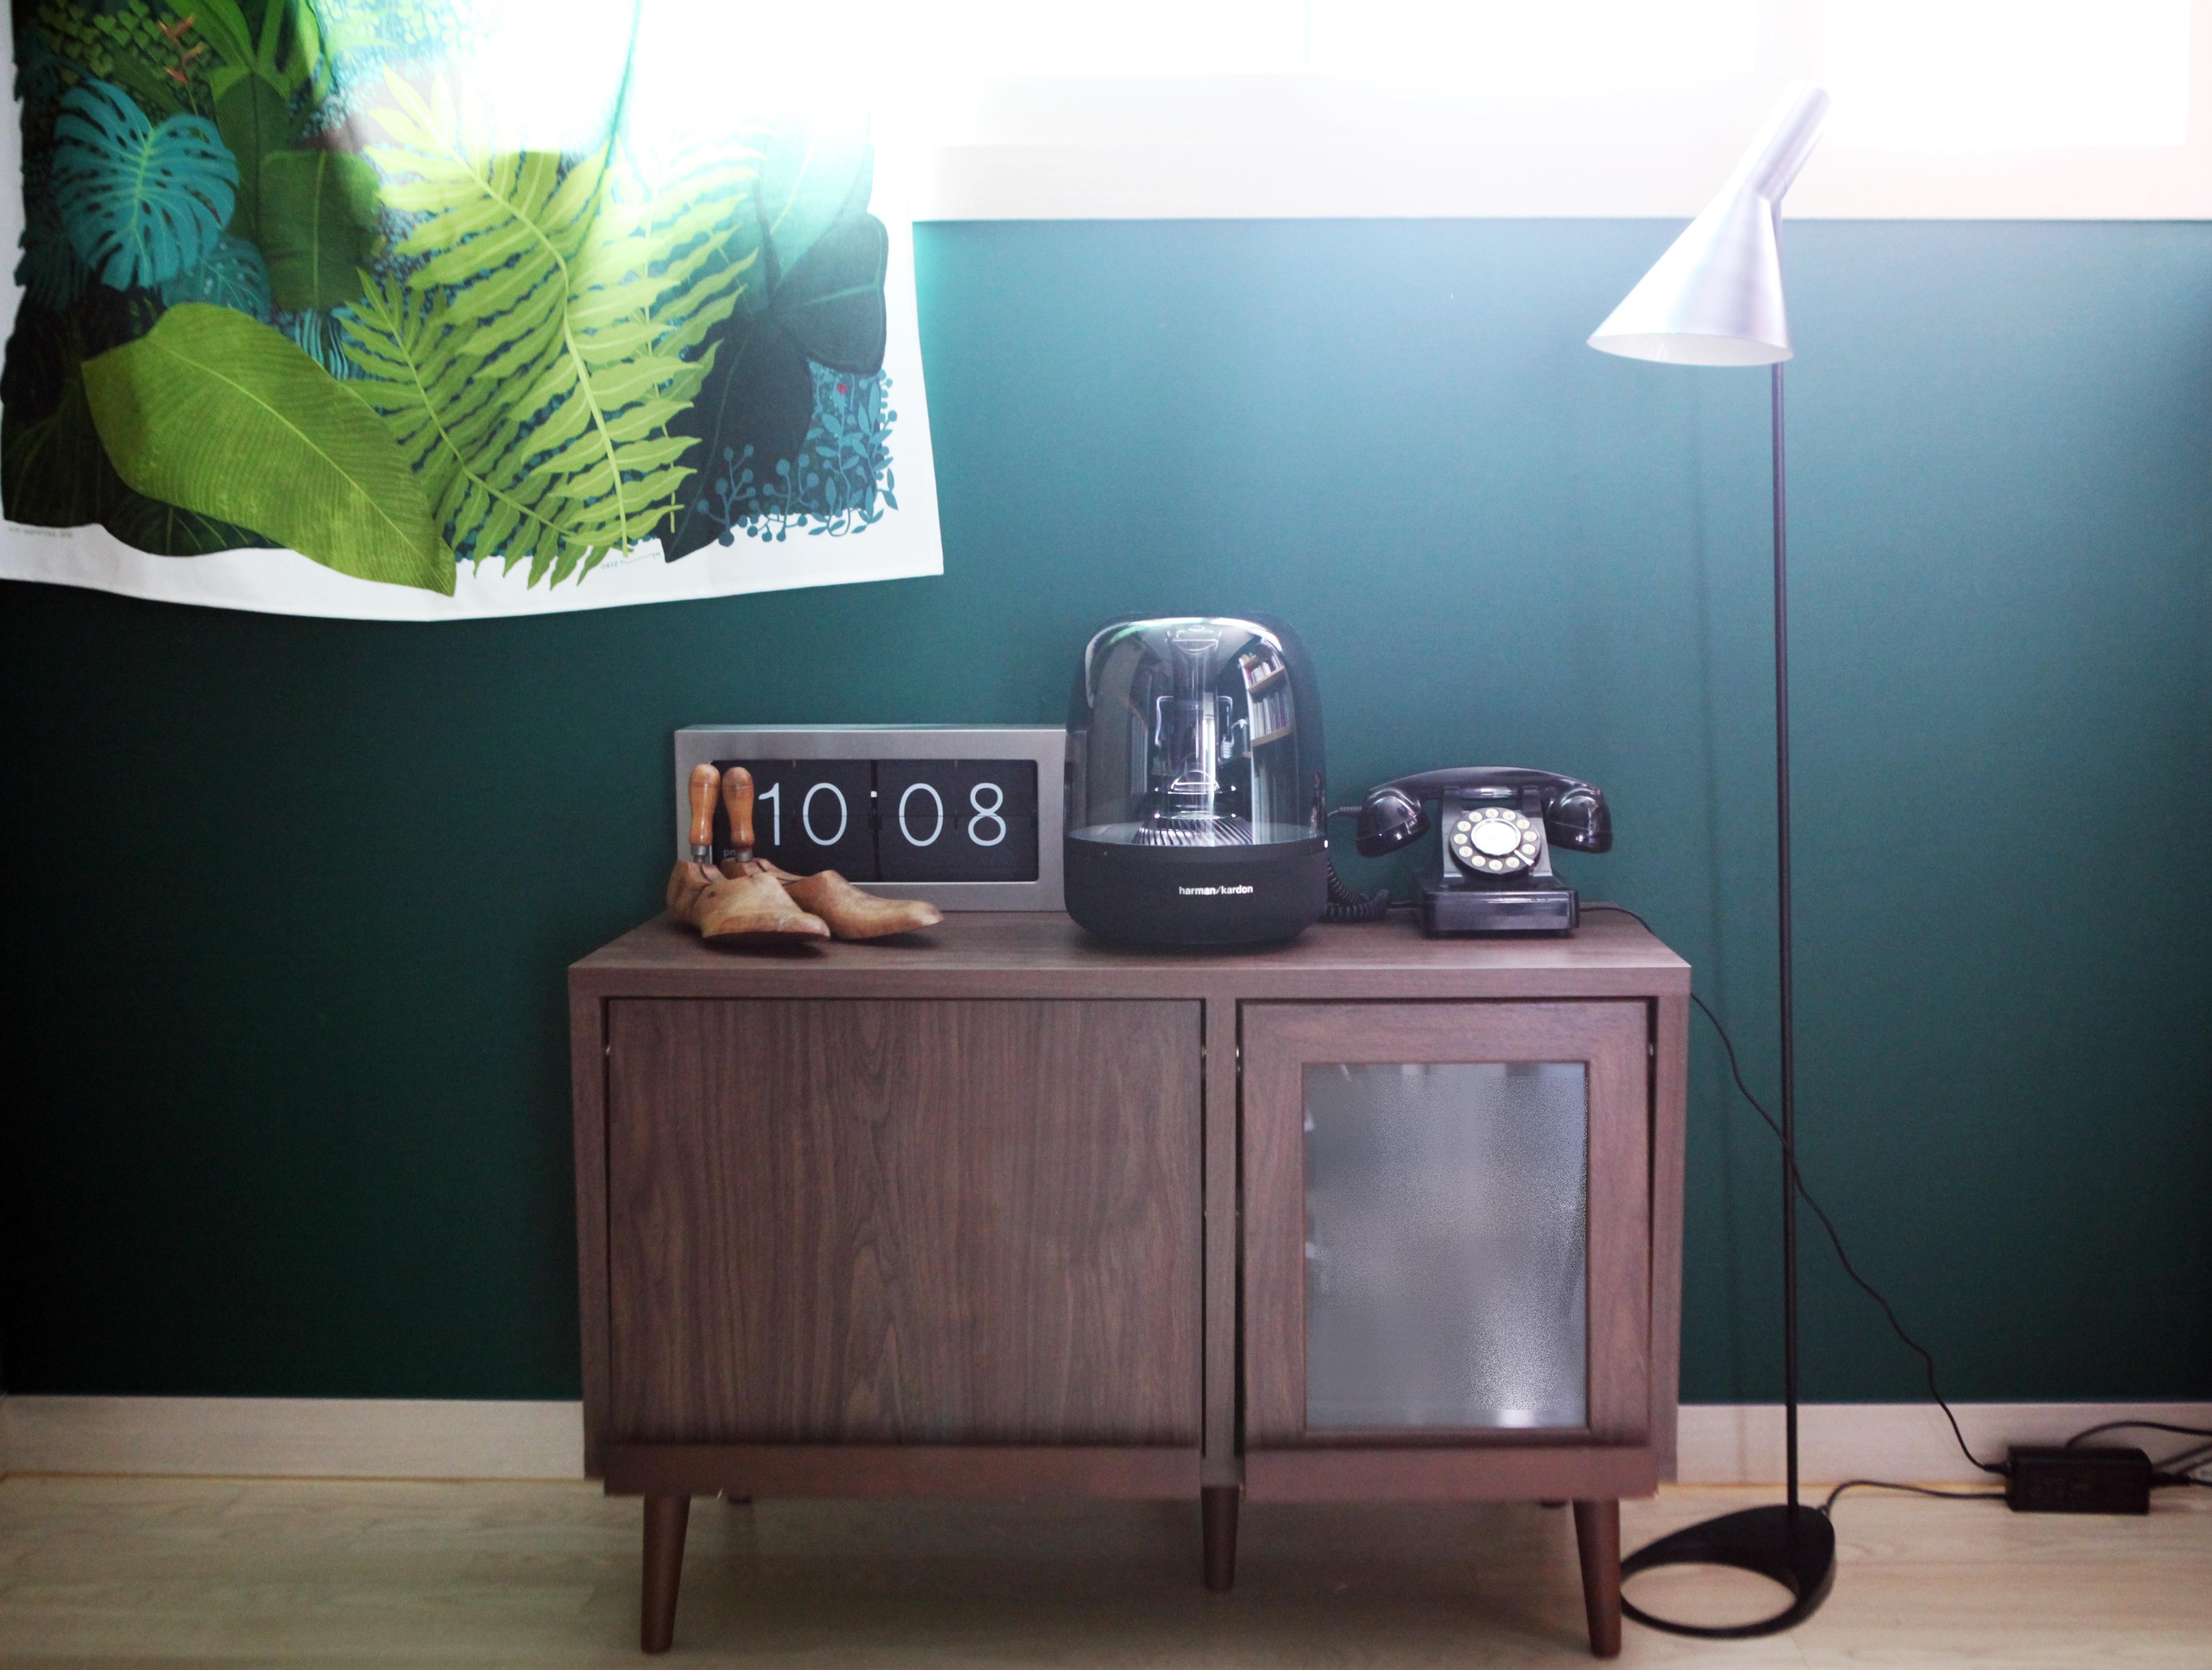 블루투스 스피커 Aura Studio2와 함께하는 우리집 홈카페